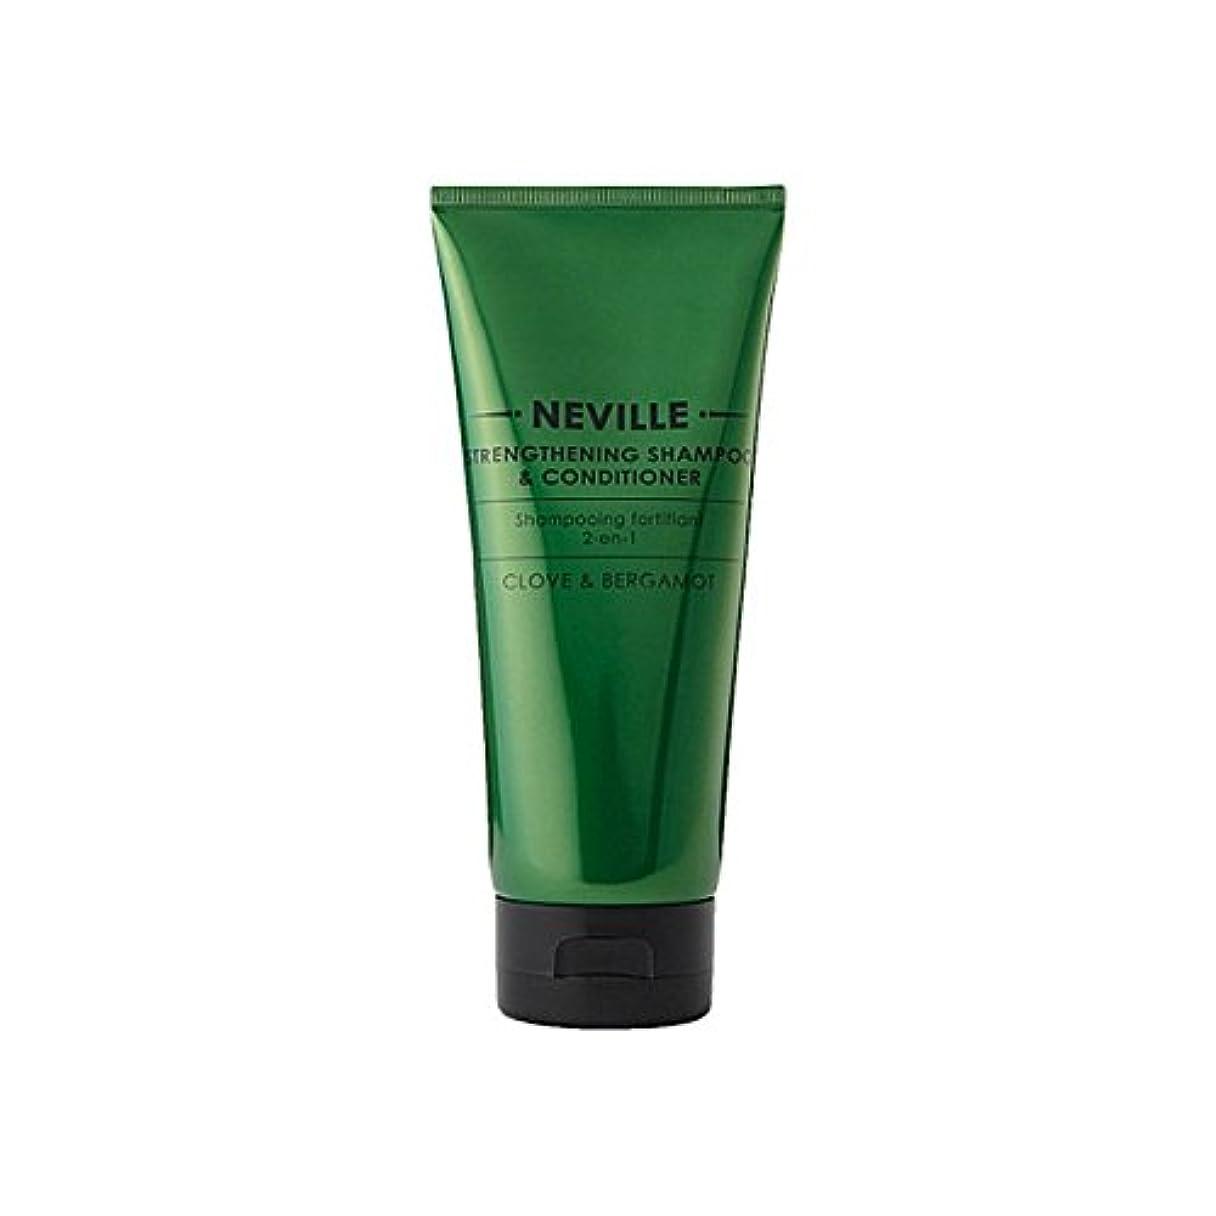 呼吸する親密なきらきらNeville 2-In-1 Strengthening Shampoo And Conditioner 200ml - ネビル2--1強化シャンプー及びコンディショナー200 [並行輸入品]